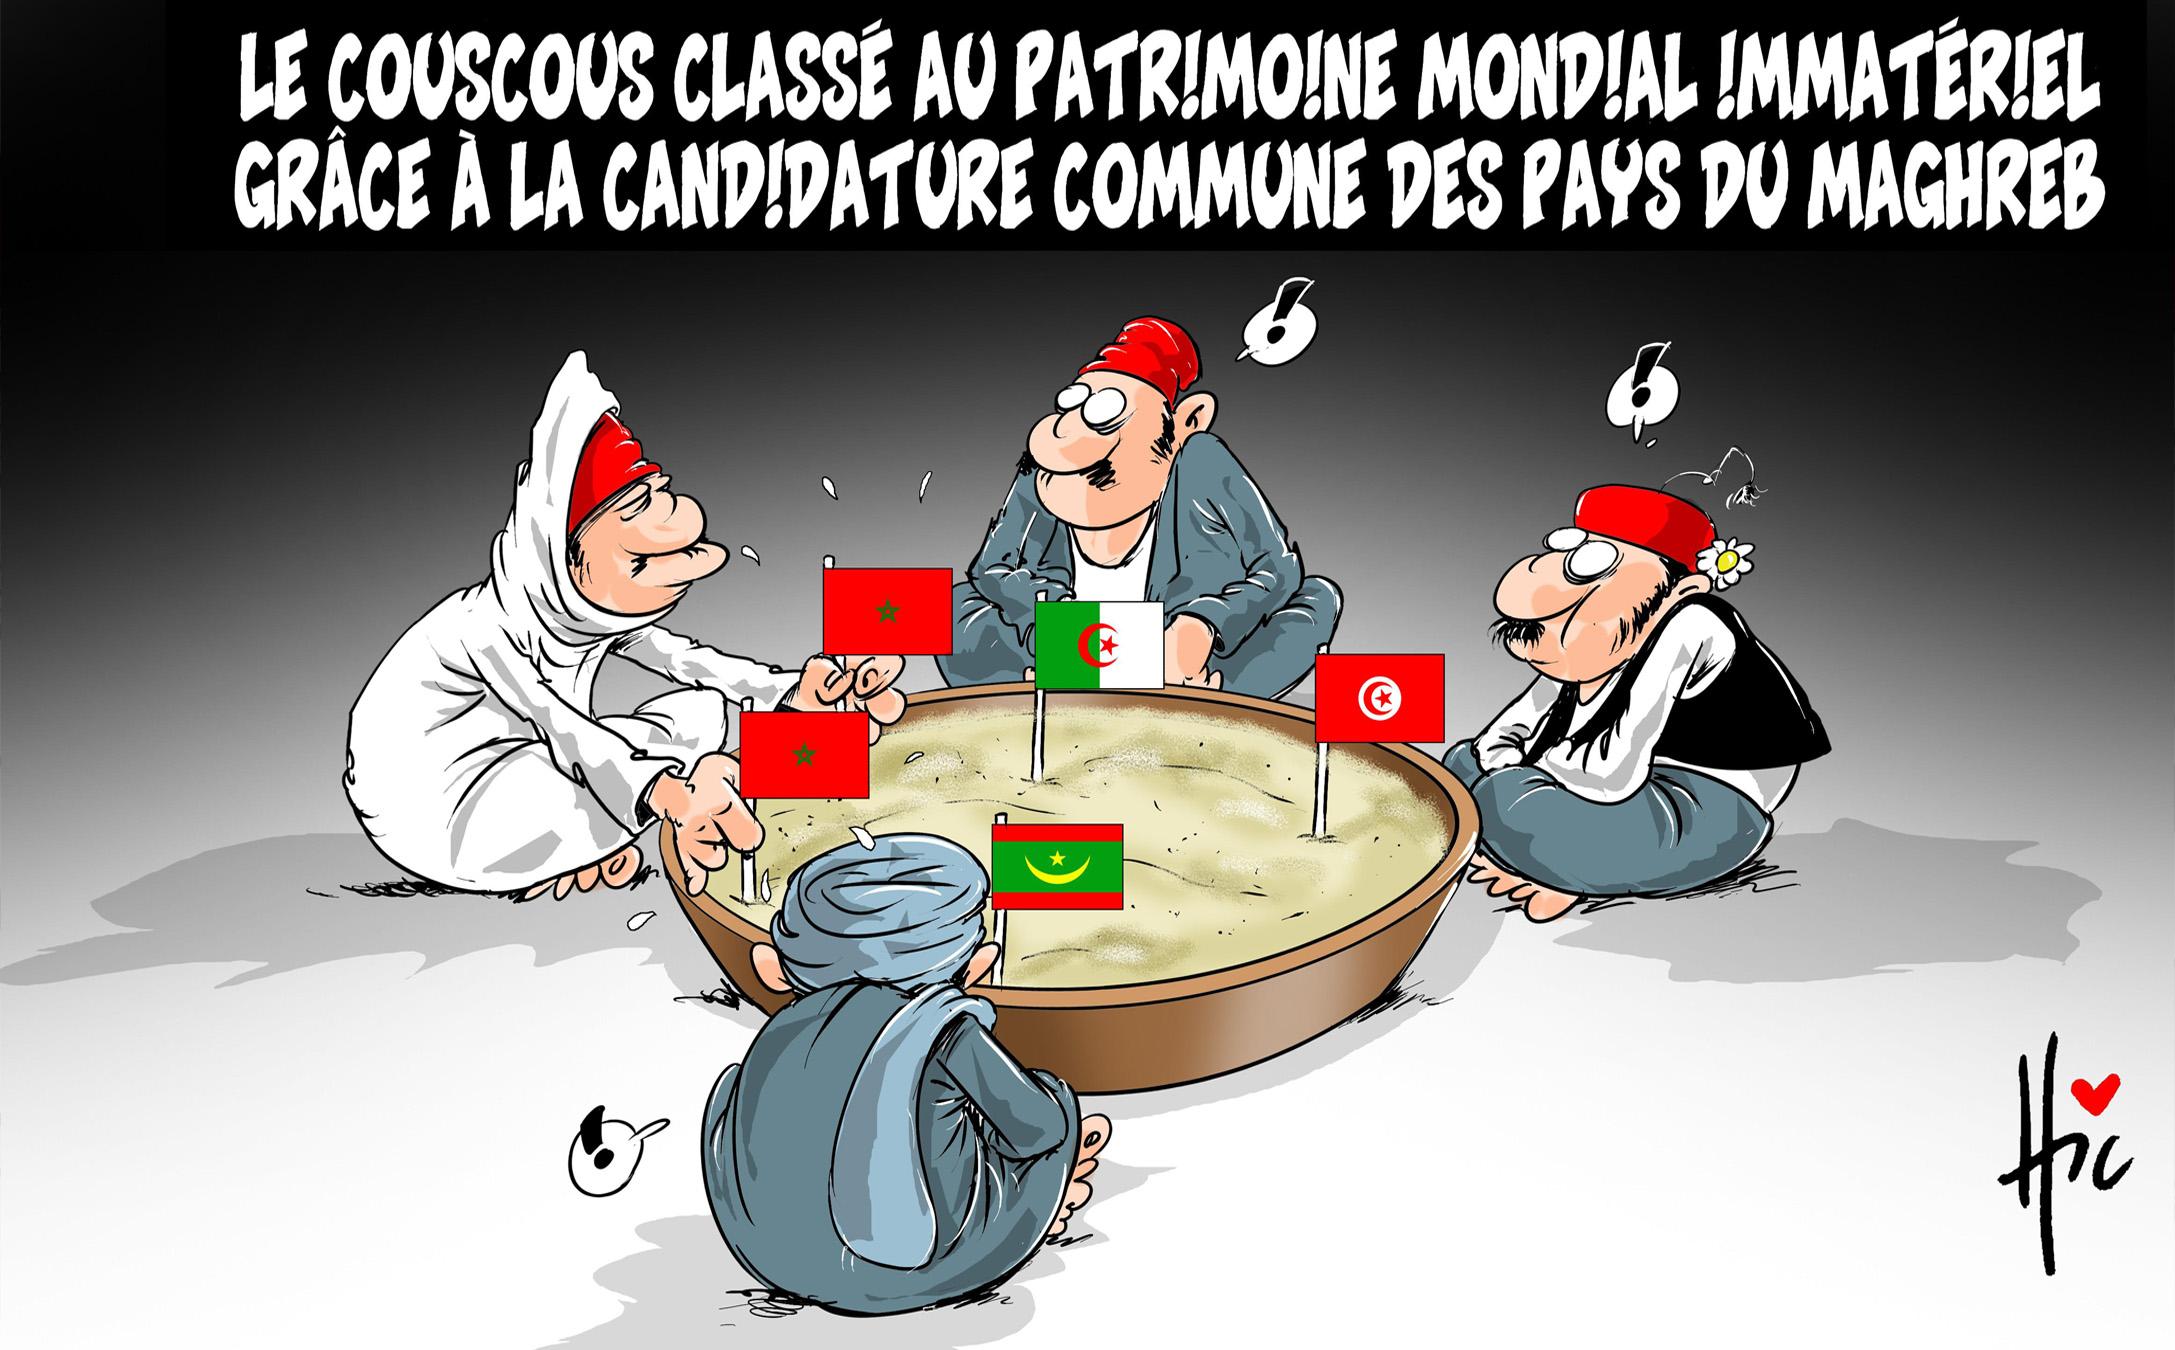 Le couscous classé patrimoine mondial immatériel grâce à la candidature commune des pays du maghreb - maghreb - Gagdz.com